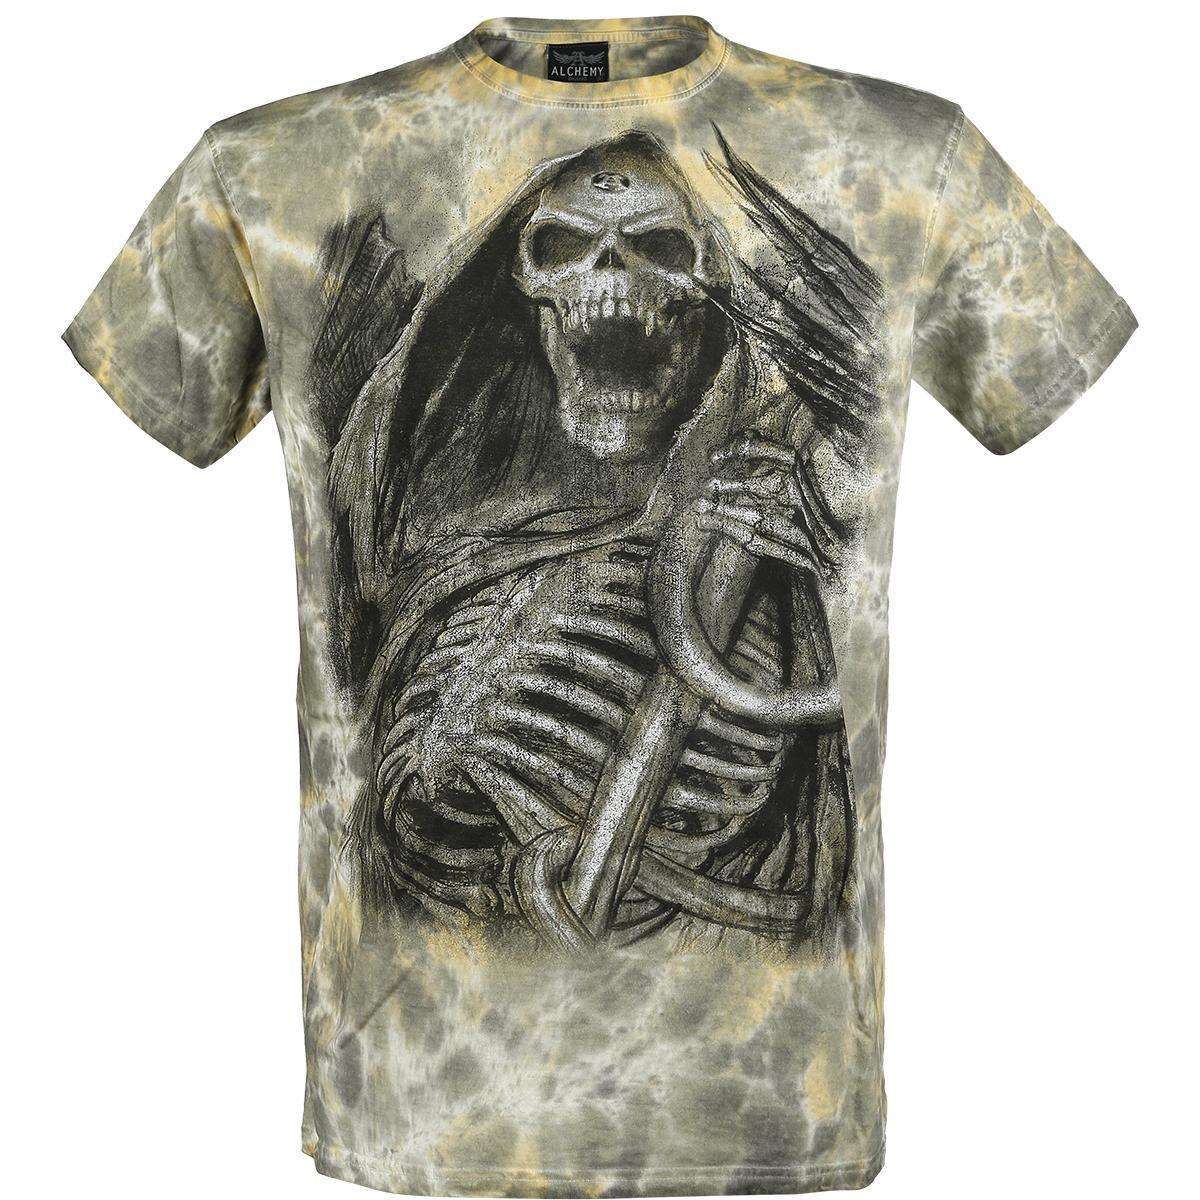 Scream of the reaper - Camiseta por Alchemy England - Número Artículo: 280228 - desde 19,99 € - http://emp.me/A8R